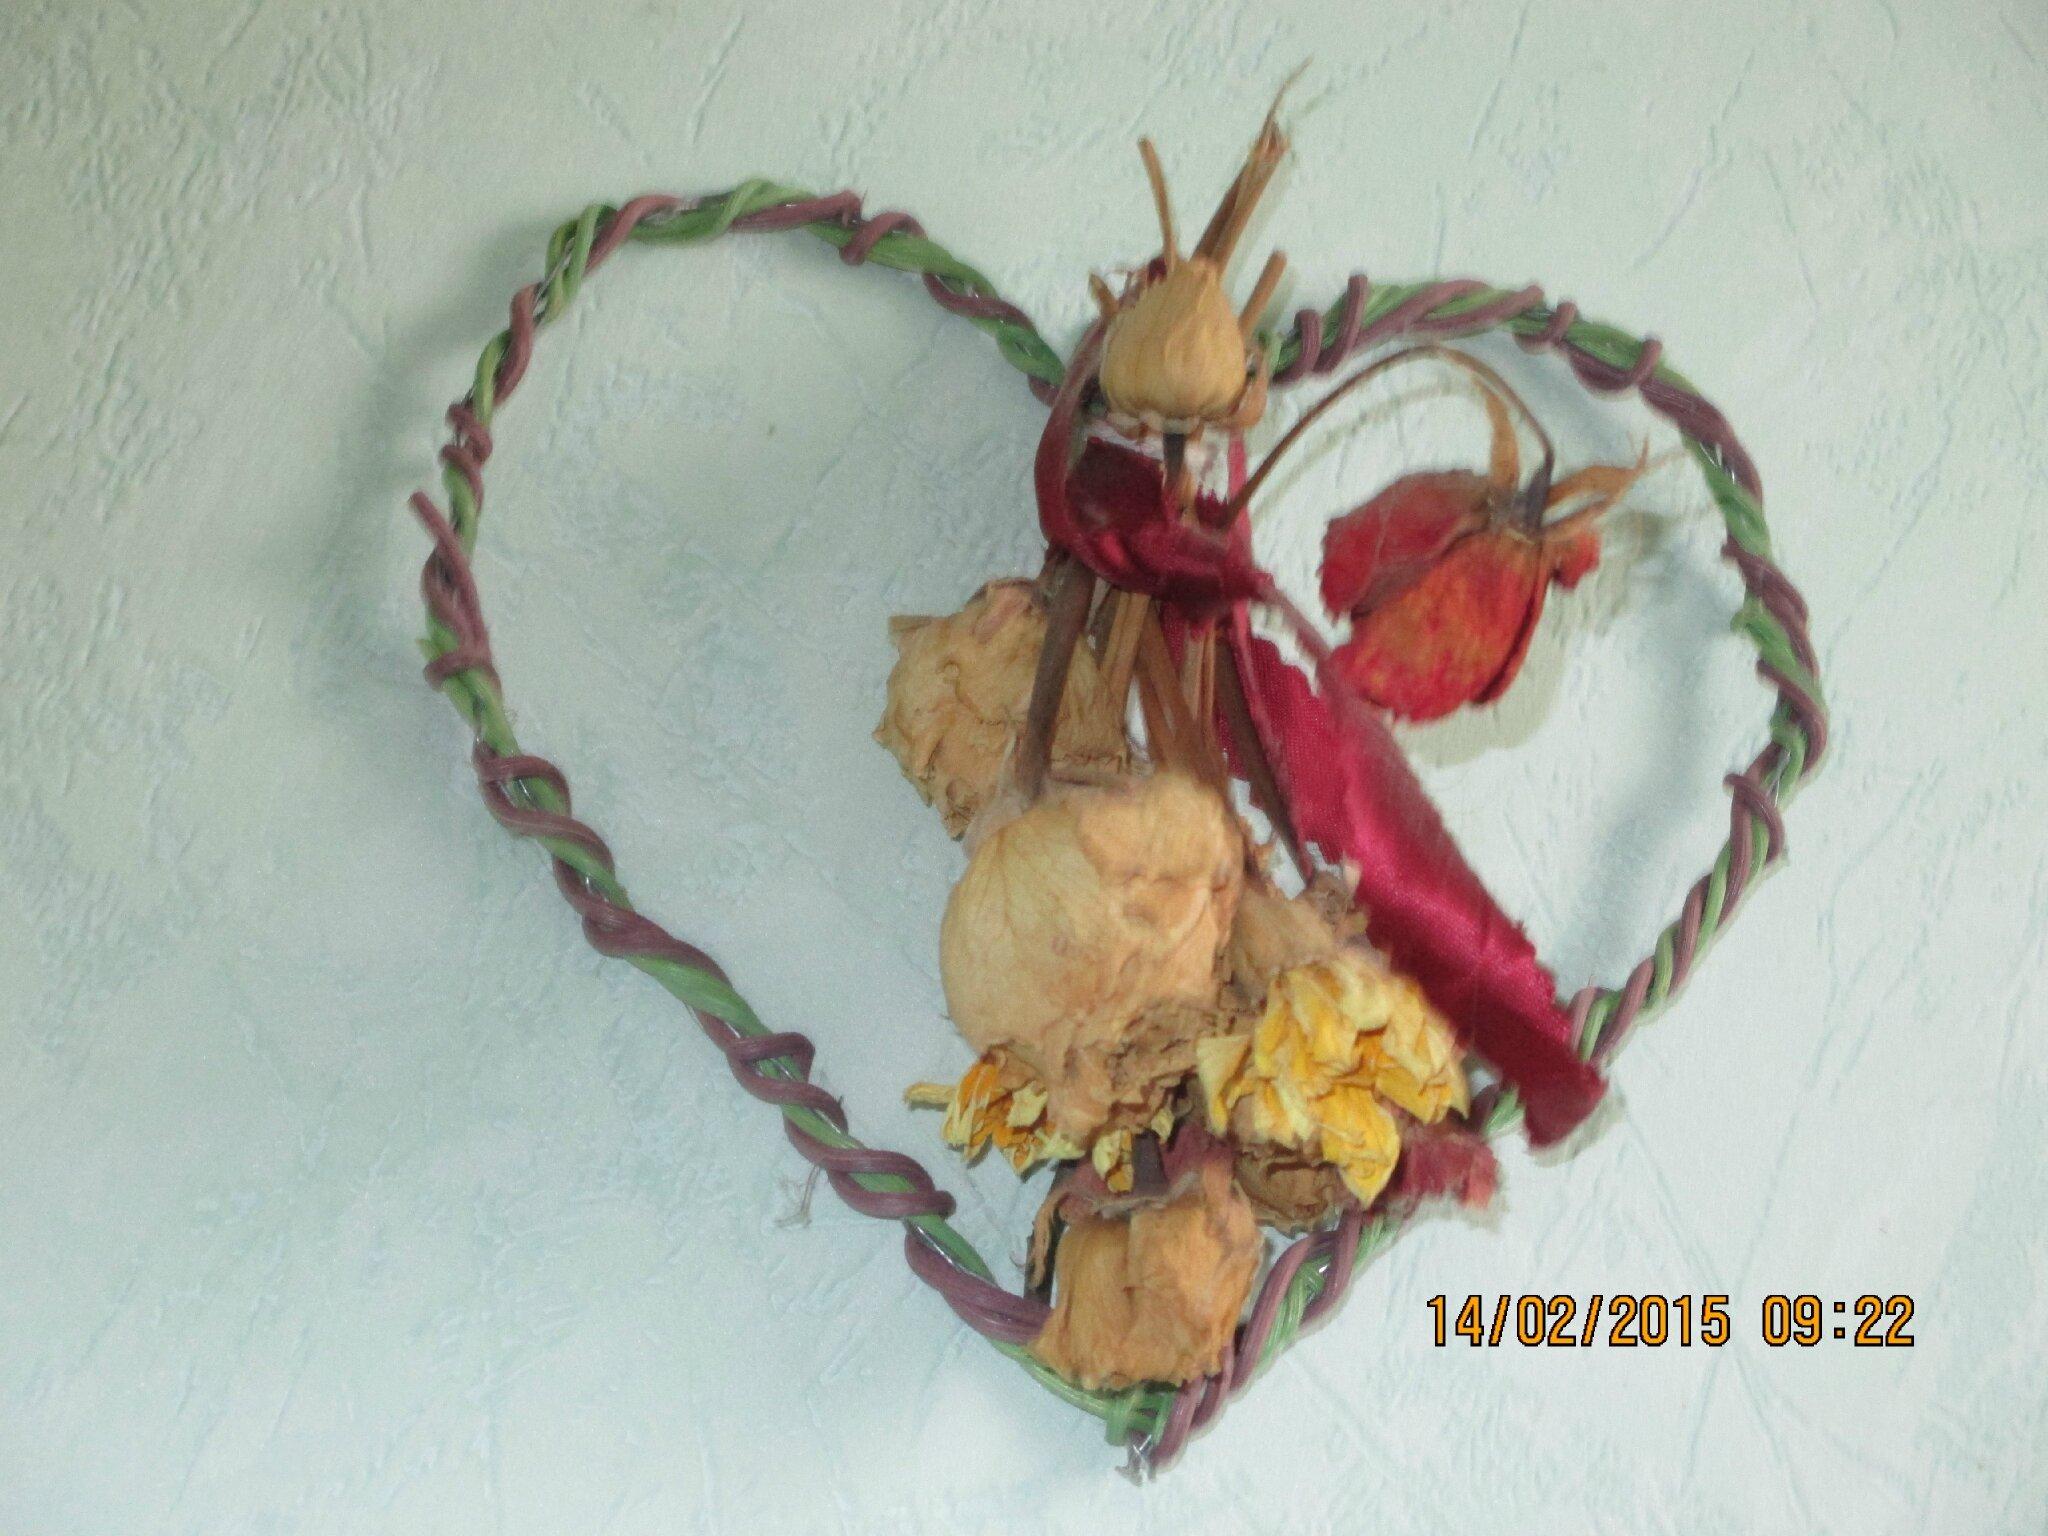 bon week-end en♥ amoureux♥!! Merci pour vos Visites et vos Coms,grosses bises à toutes♥ et prenez soin de vous